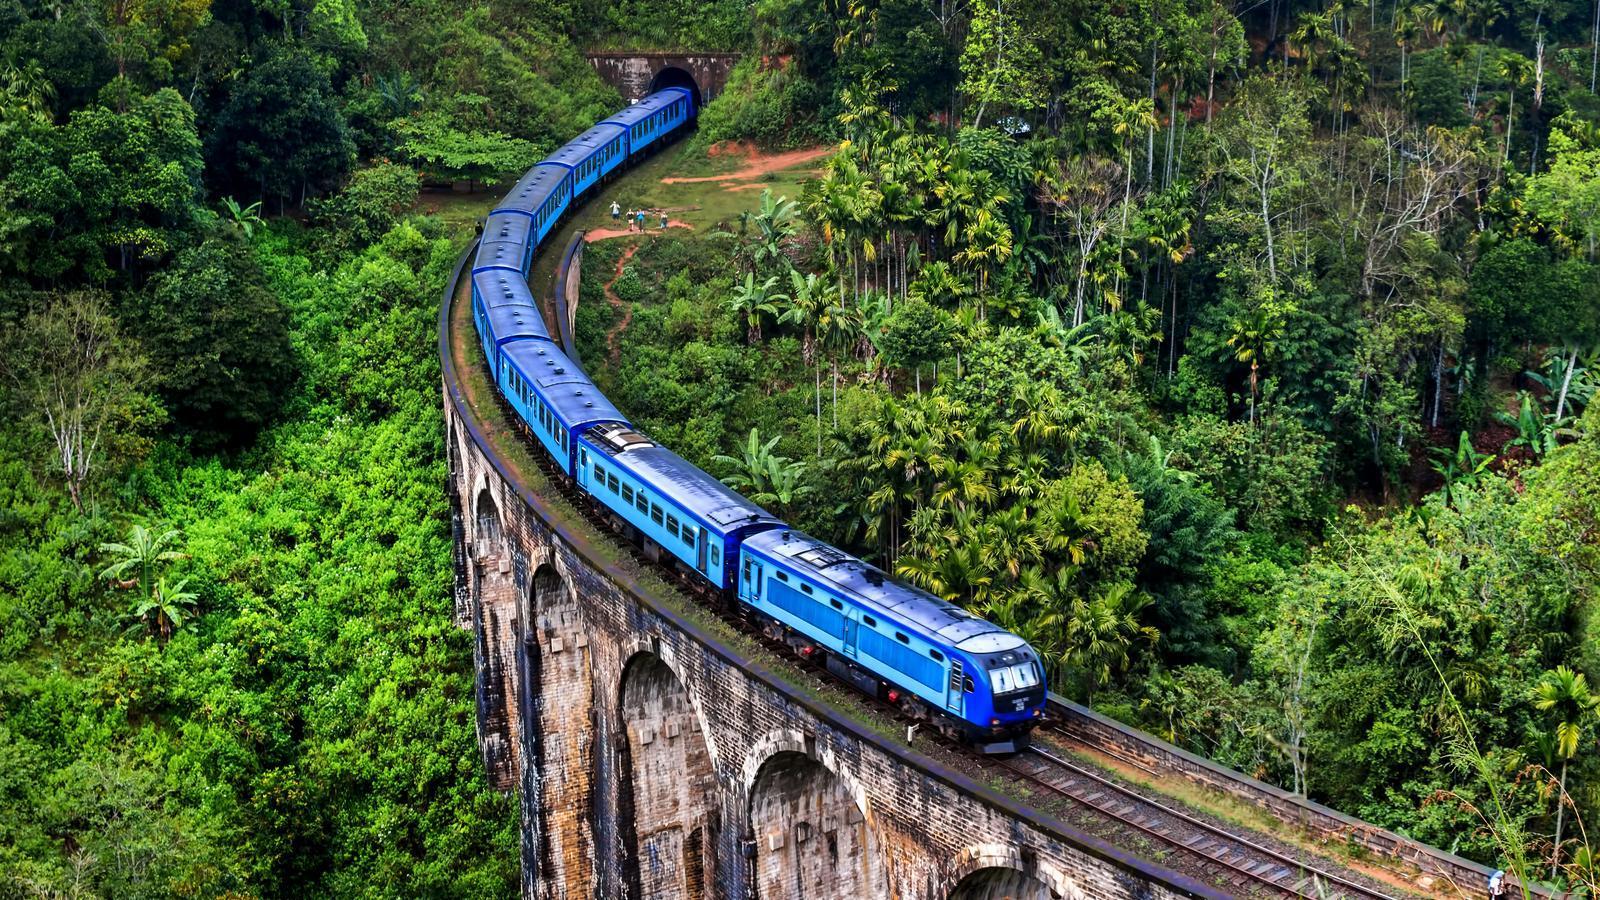 Els viatges en tren tenen un punt romàntic que agrada molts viatgers